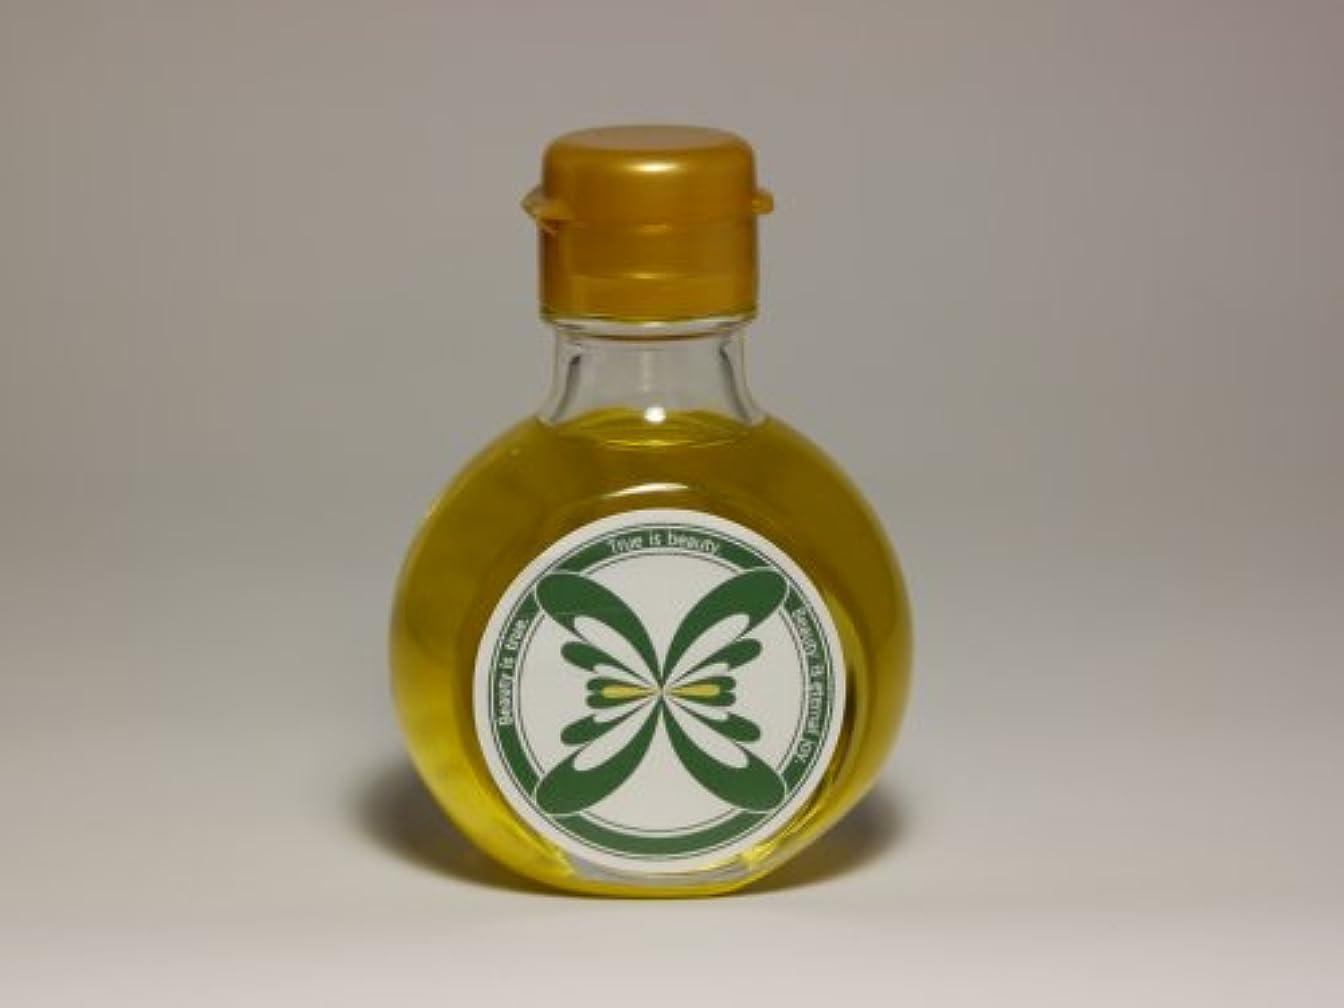 手首作成者鳩モリンガゴールドオイル100 100ml 酸化しにくい飽和脂肪酸含有のモリンガオイル100%で、クレンジング(特にアイメイク落し)?保湿?ヘアオイルなど、色々な用途に使えます。